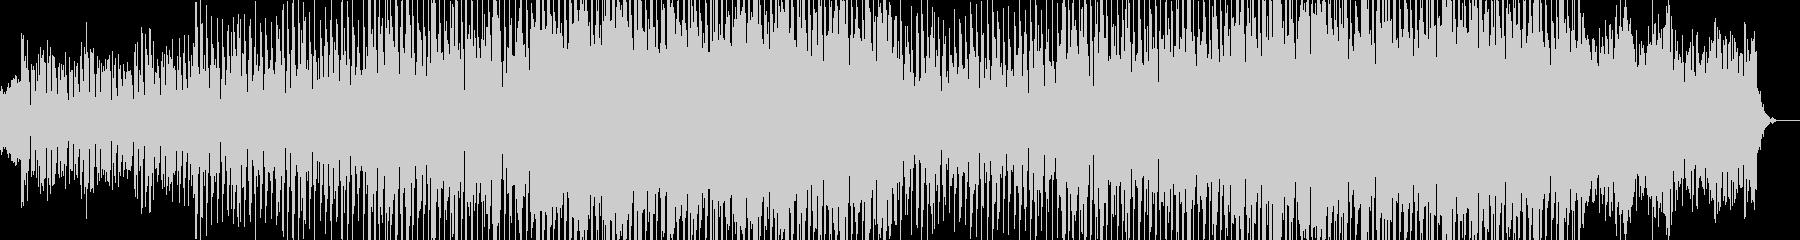 EDMオープニングイベント企業VP-09の未再生の波形